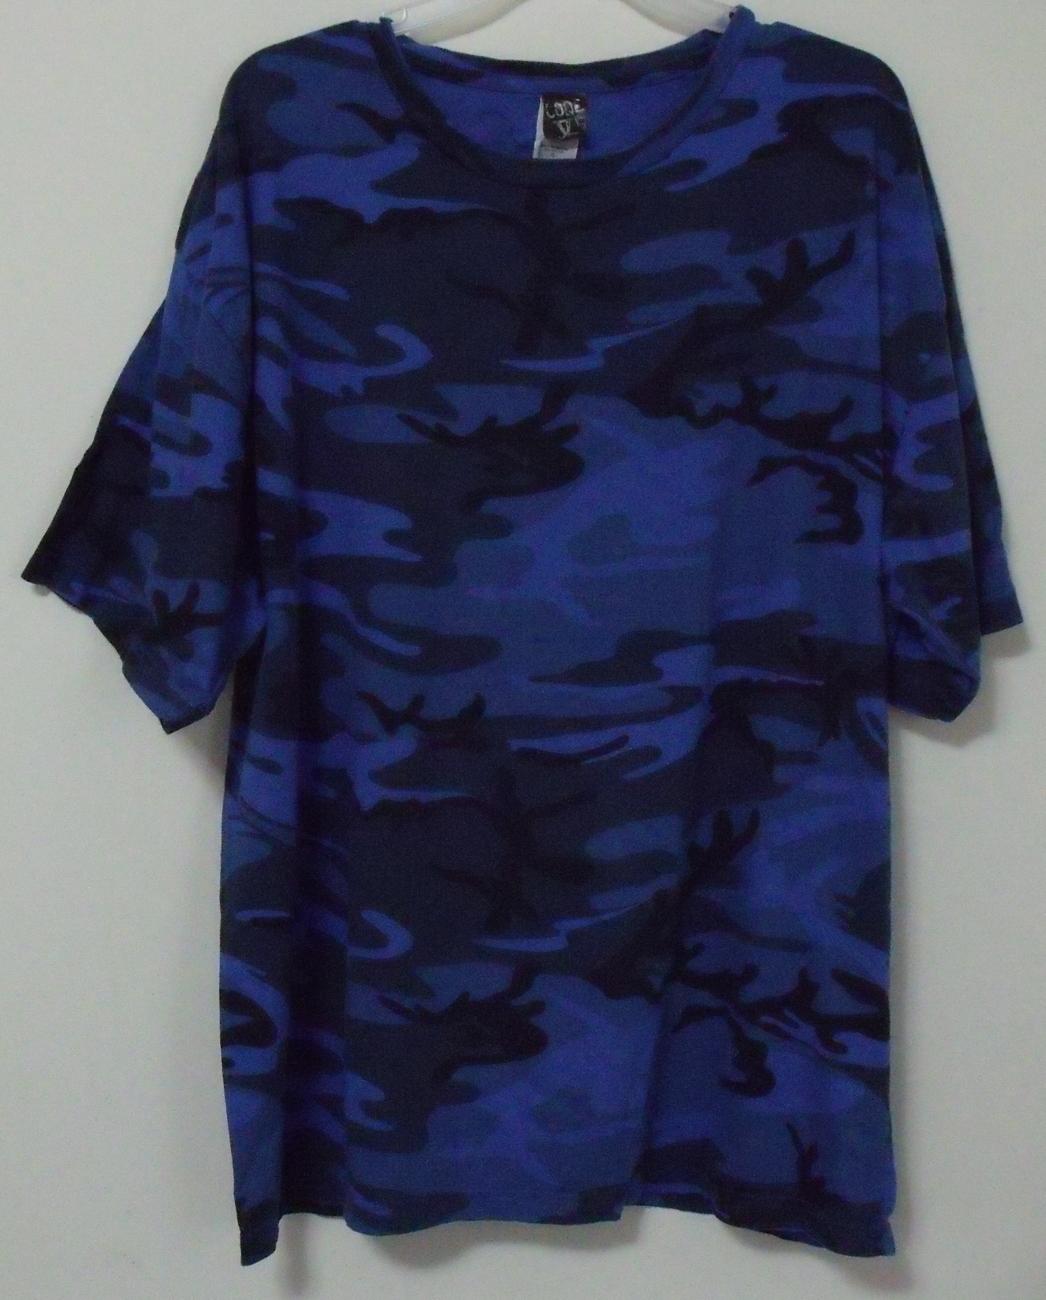 Mens NWOT Code V Blue Black Camouflage T Shirt Size XL Code V